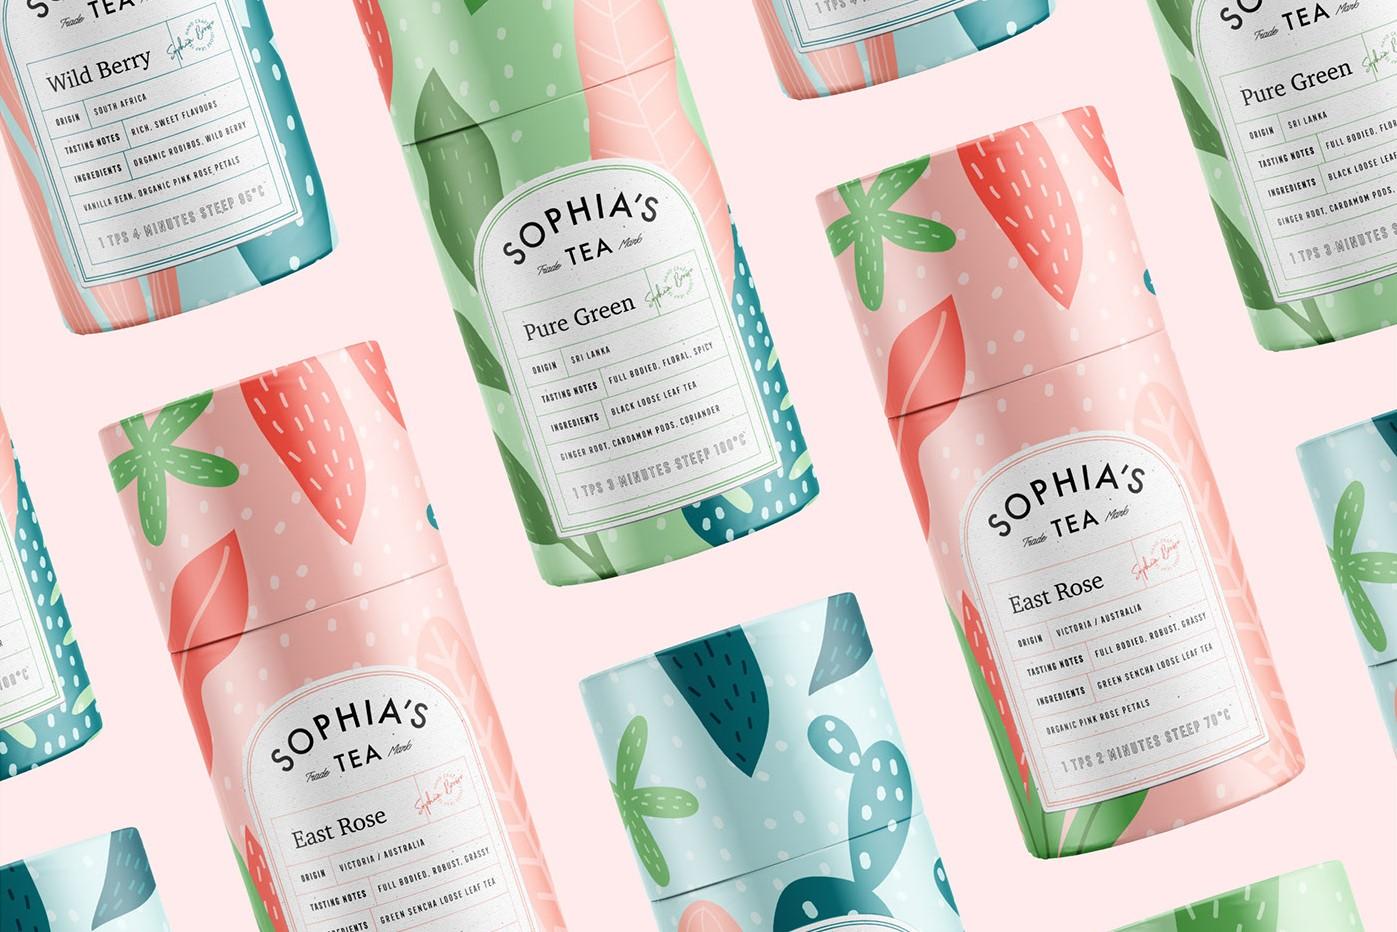 Sophia's Tea